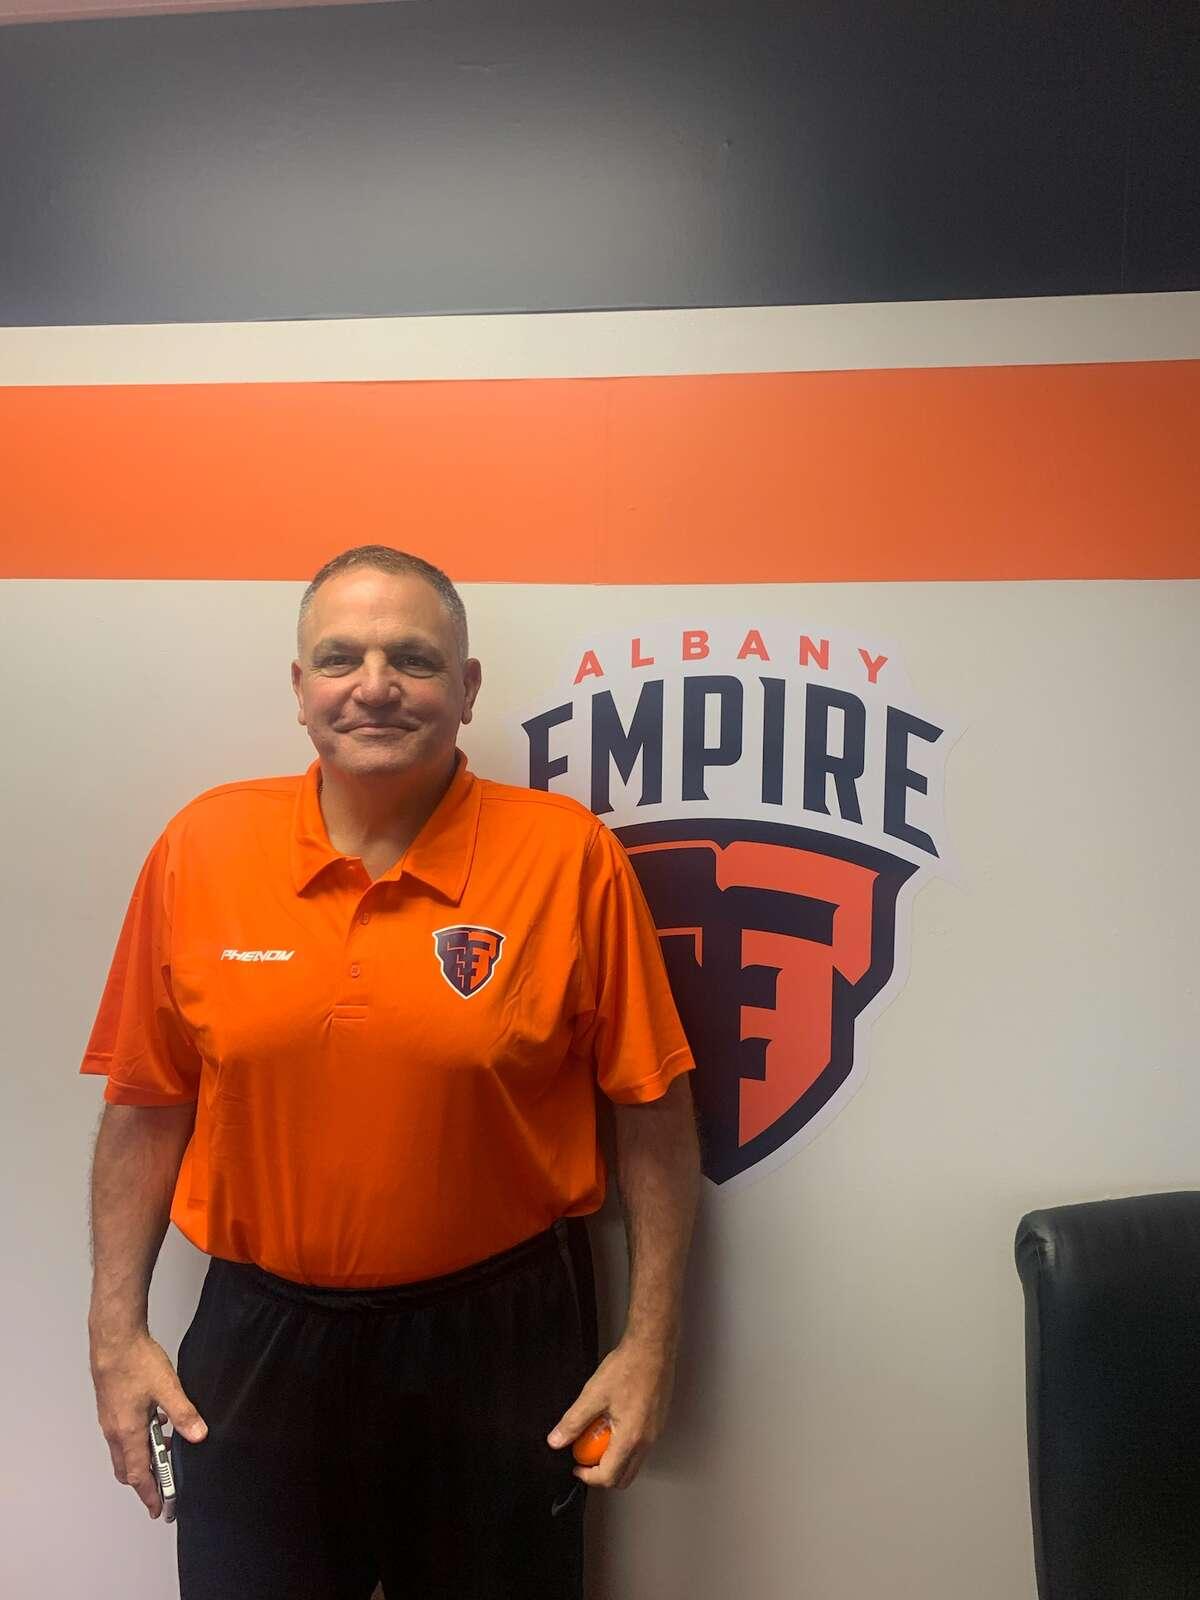 Albany Empire head coach Tom Menas, hired Friday, April 16, 2021.